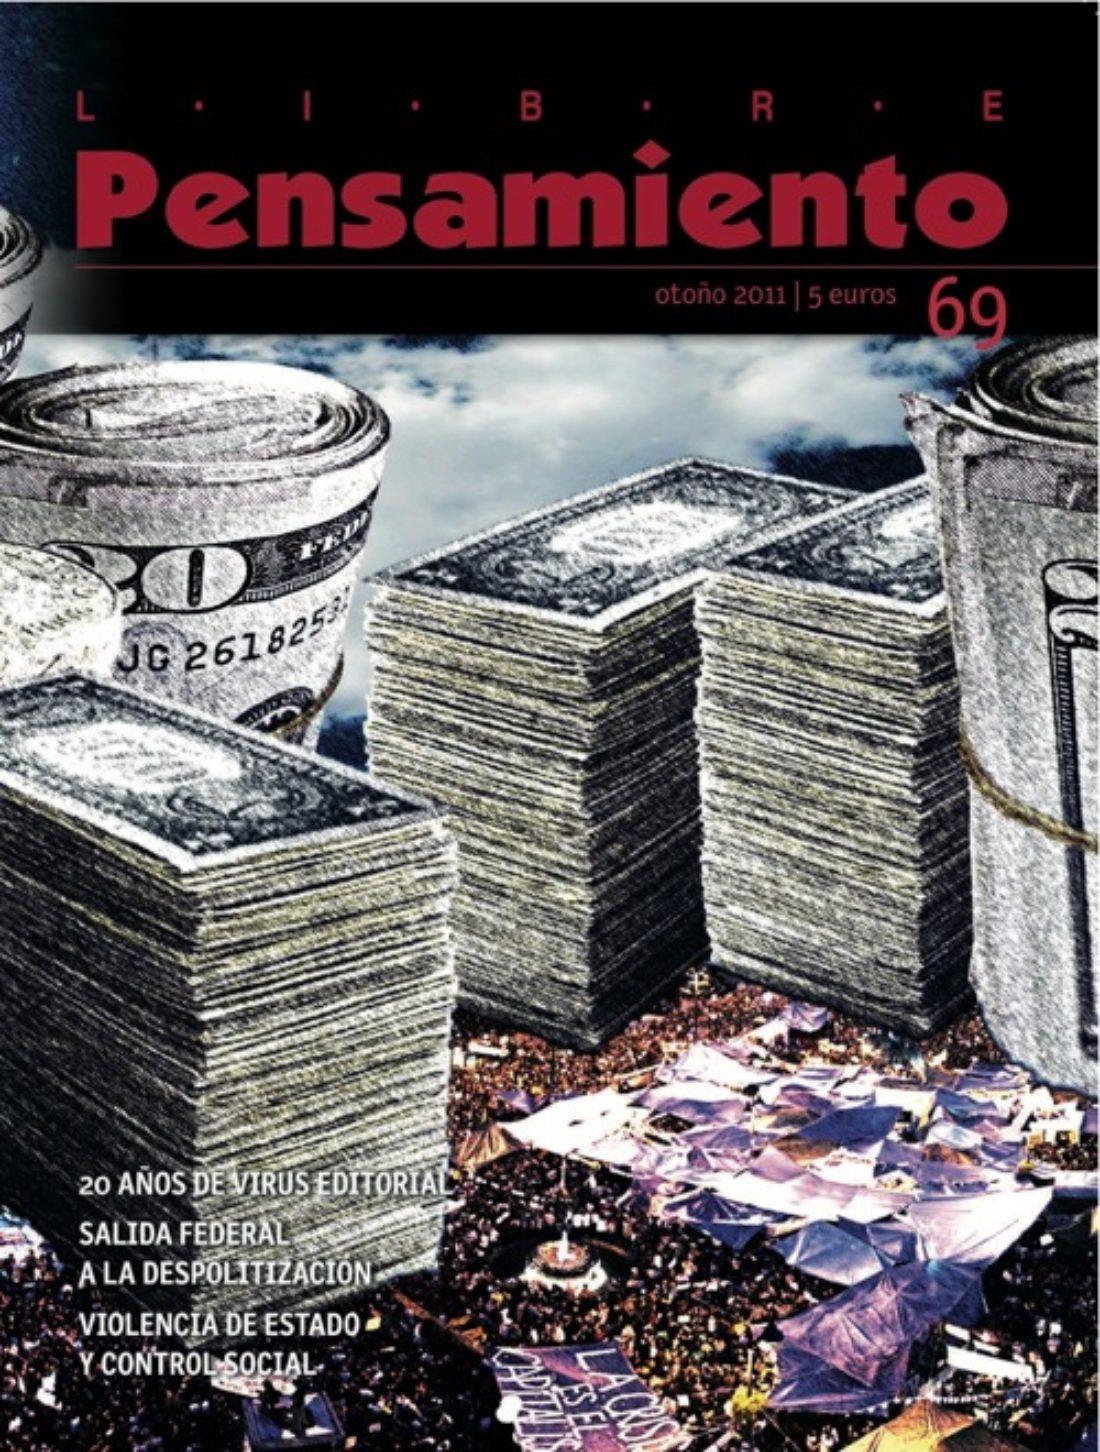 Libre Pensamiento 69 – otoño 2011